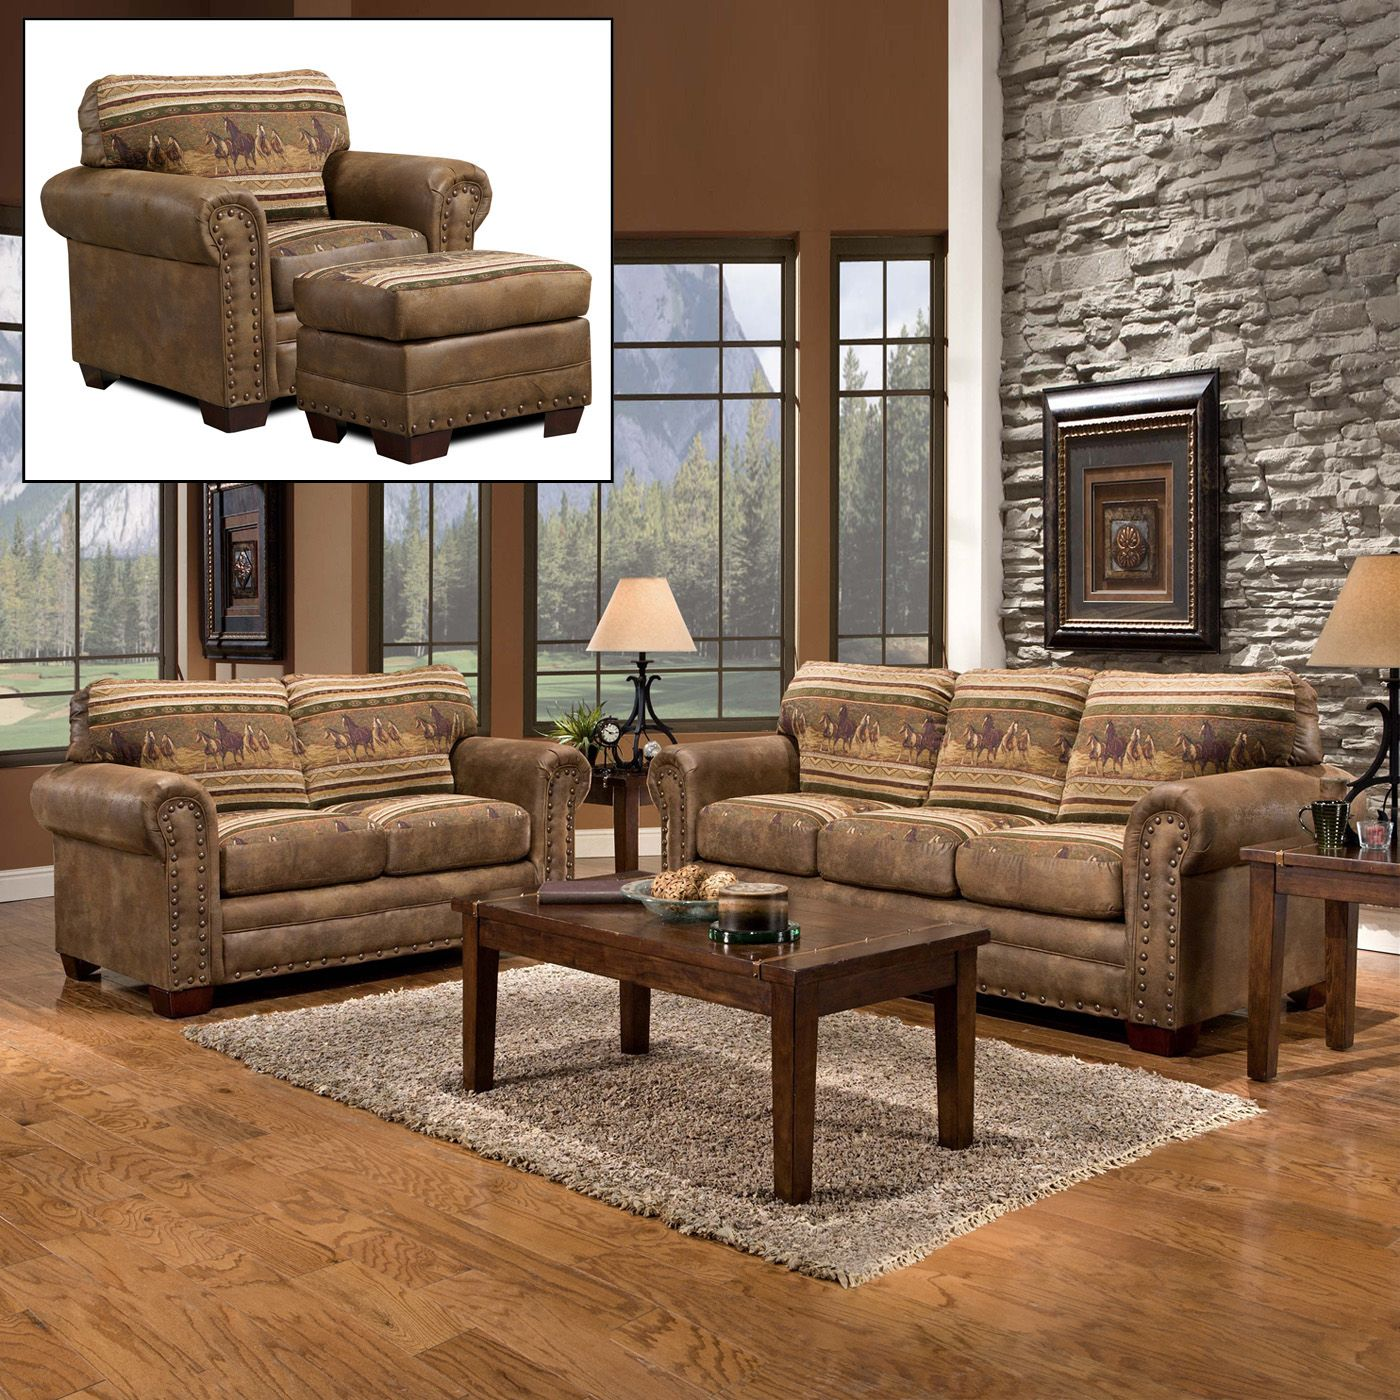 shop american furniture classics american furniture 8500 40k wild horses sofa set at atg stores. Black Bedroom Furniture Sets. Home Design Ideas